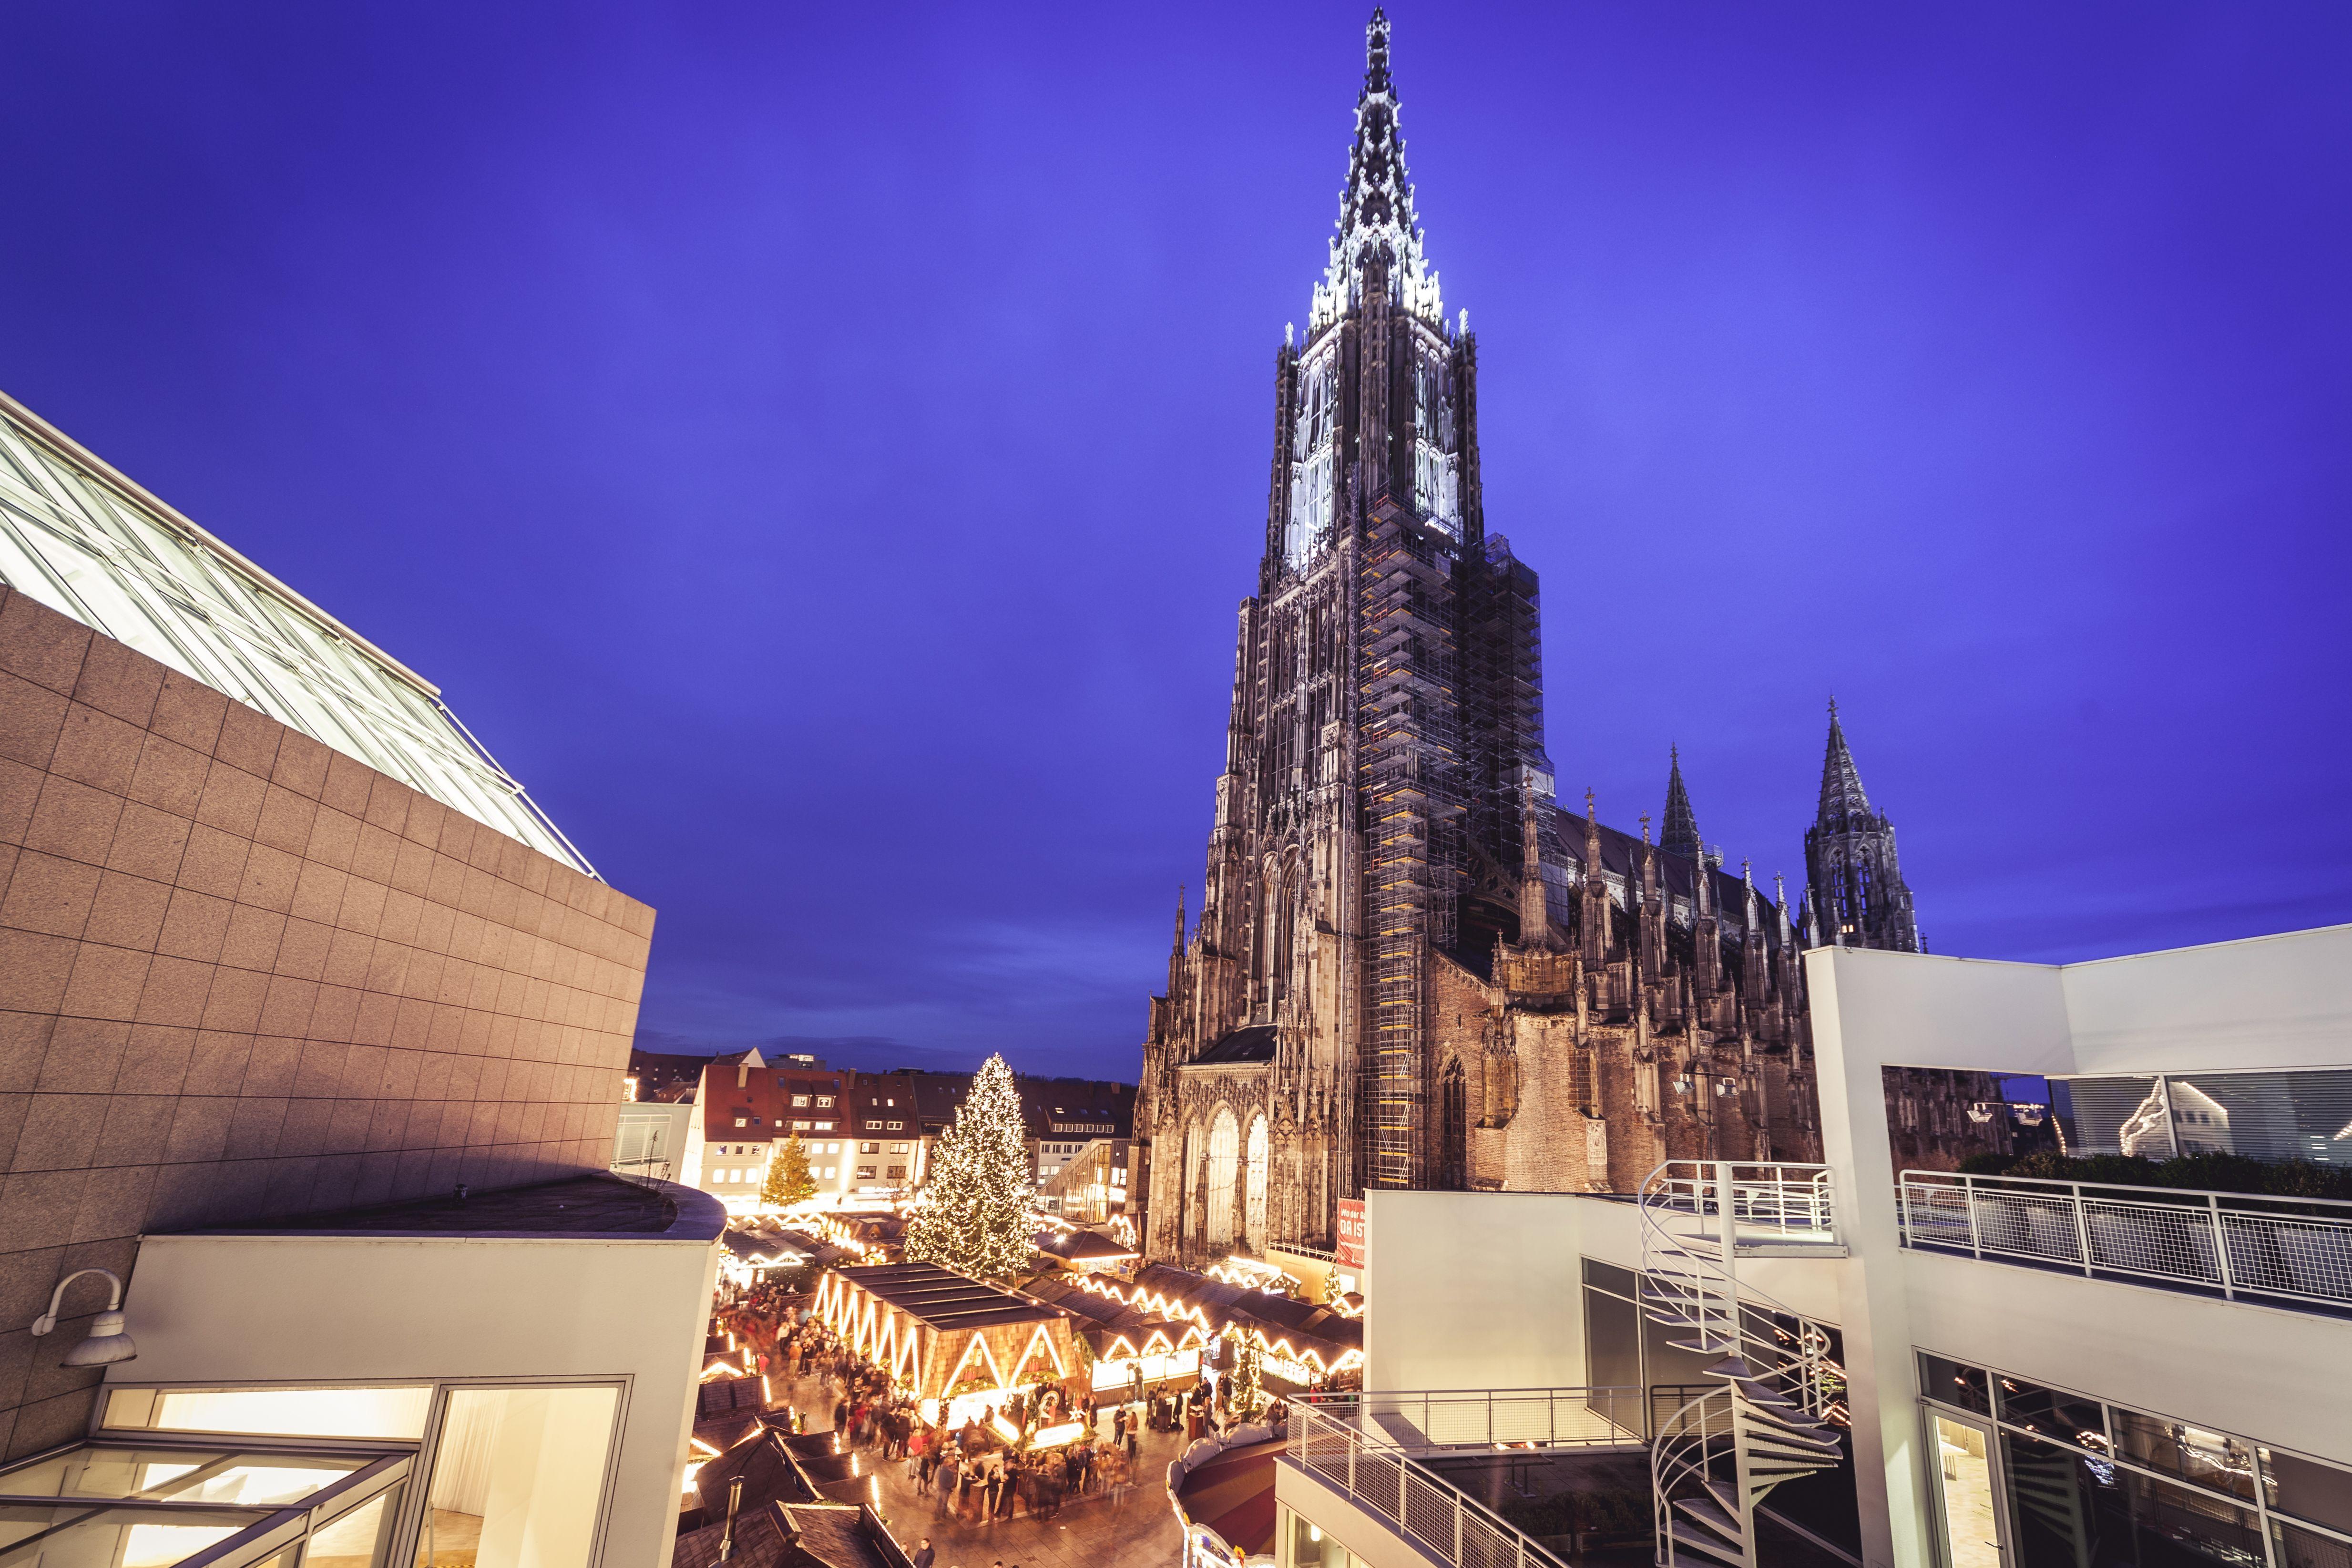 Ulm Weihnachtsmarkt.Der Ulmer Weihnachtsmarkt Zählt Zu Den Schönsten Weihnachtsmärkten